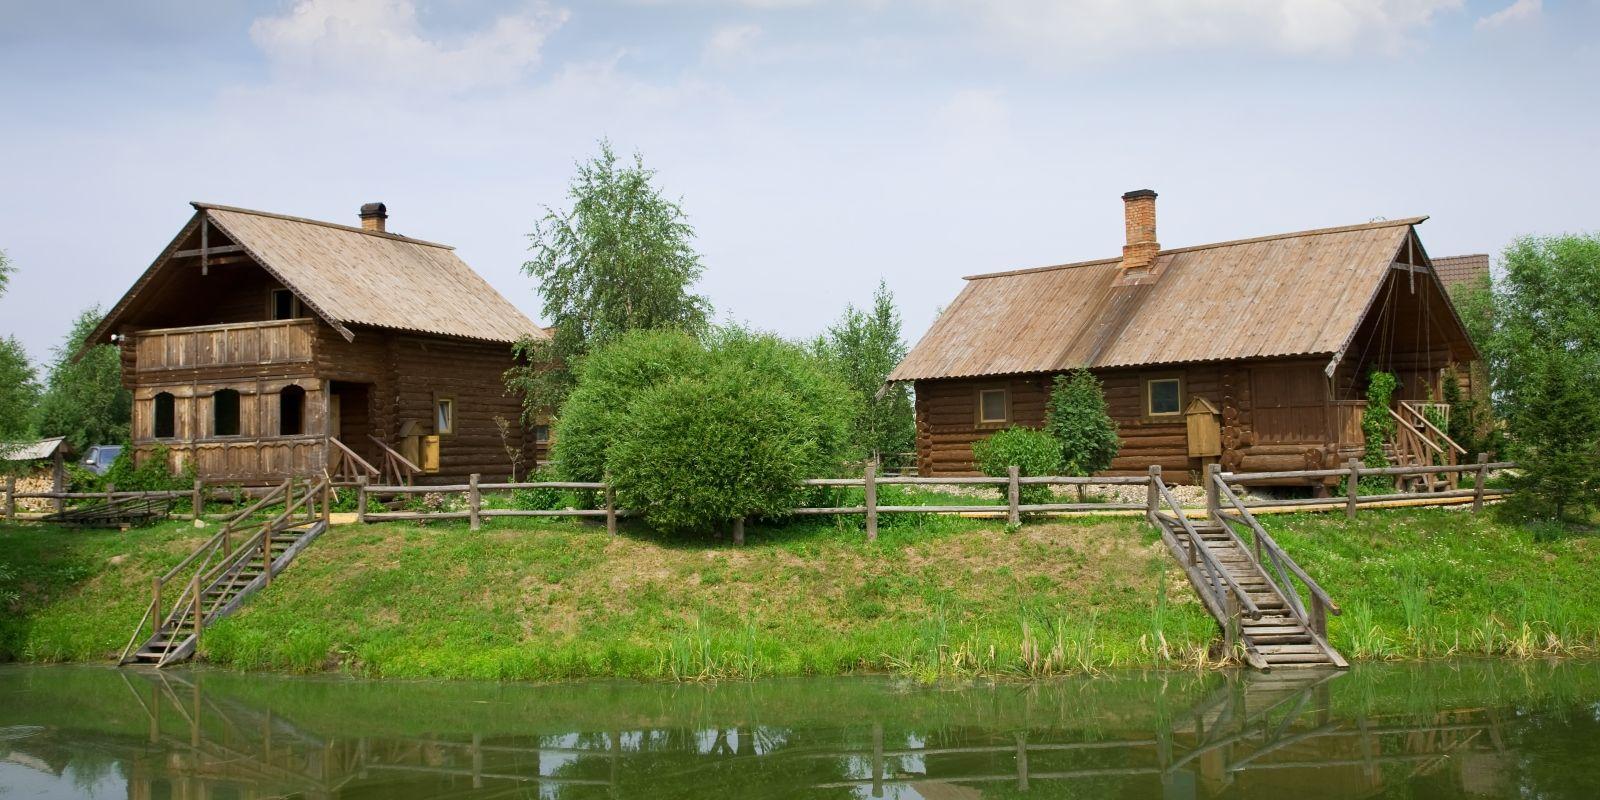 02 сентября 2020г. пройдет научно-практическая конференция «Развитие сельского туризма в России»